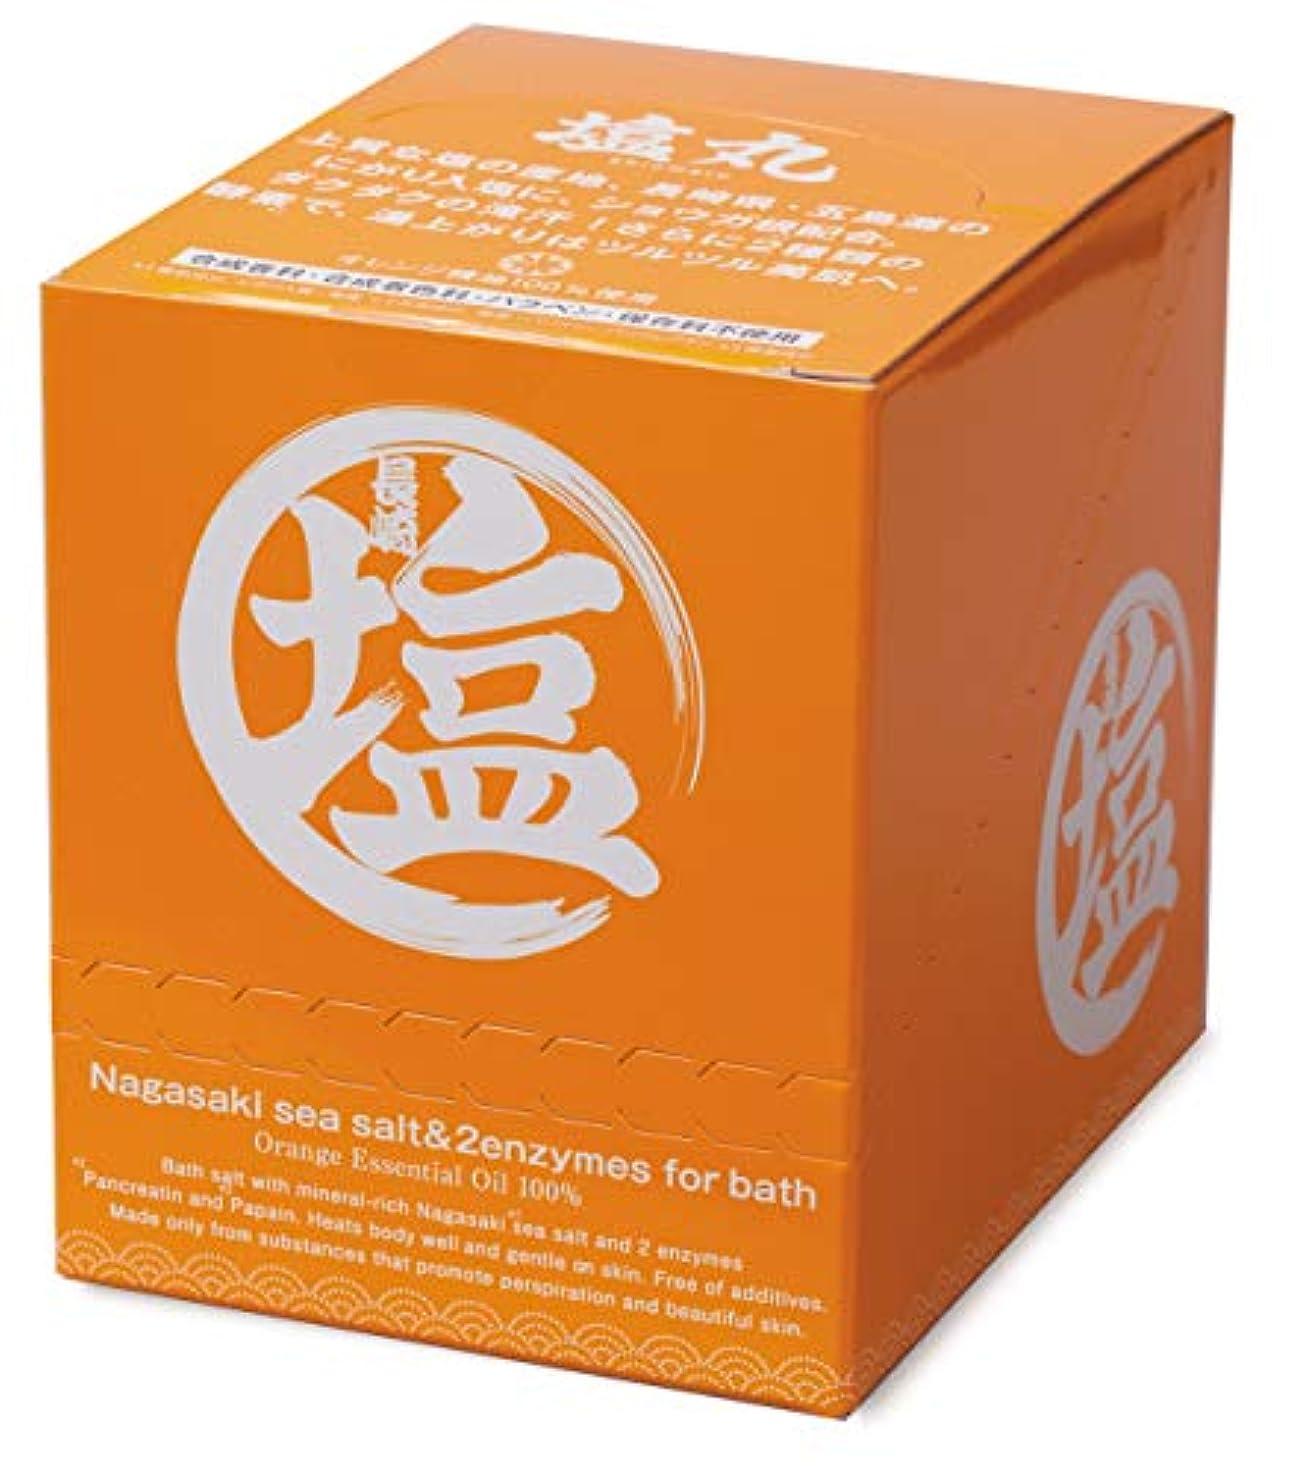 カラス持ってるちらつき(塩丸)長崎産にがり入海塩入浴剤(40g×12包入)オレンジ精油/合成香料?合成着色料?保存料不使用